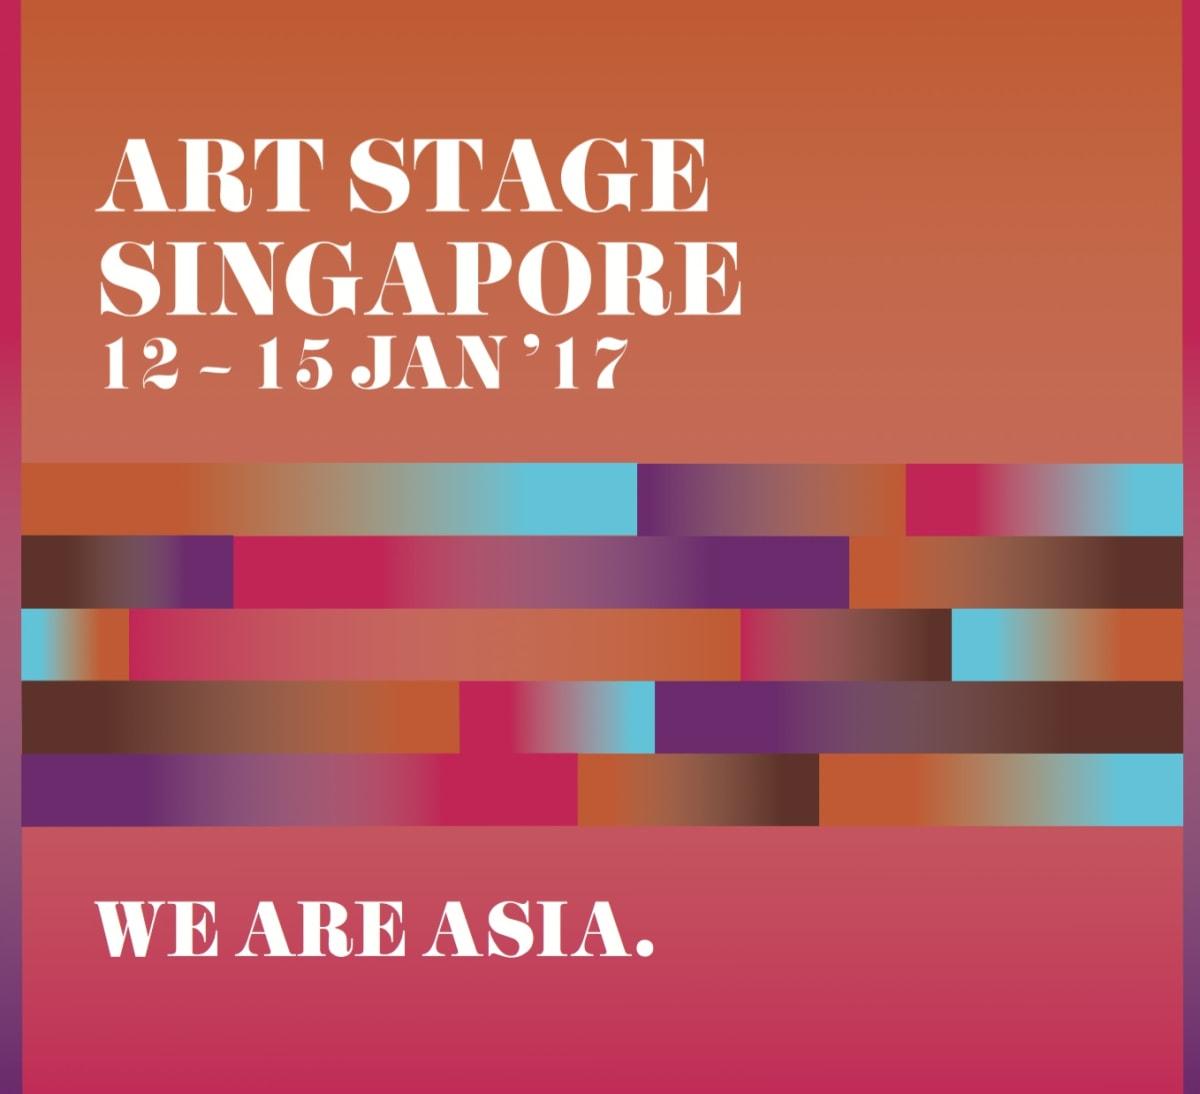 艺术登陆新加坡 2017